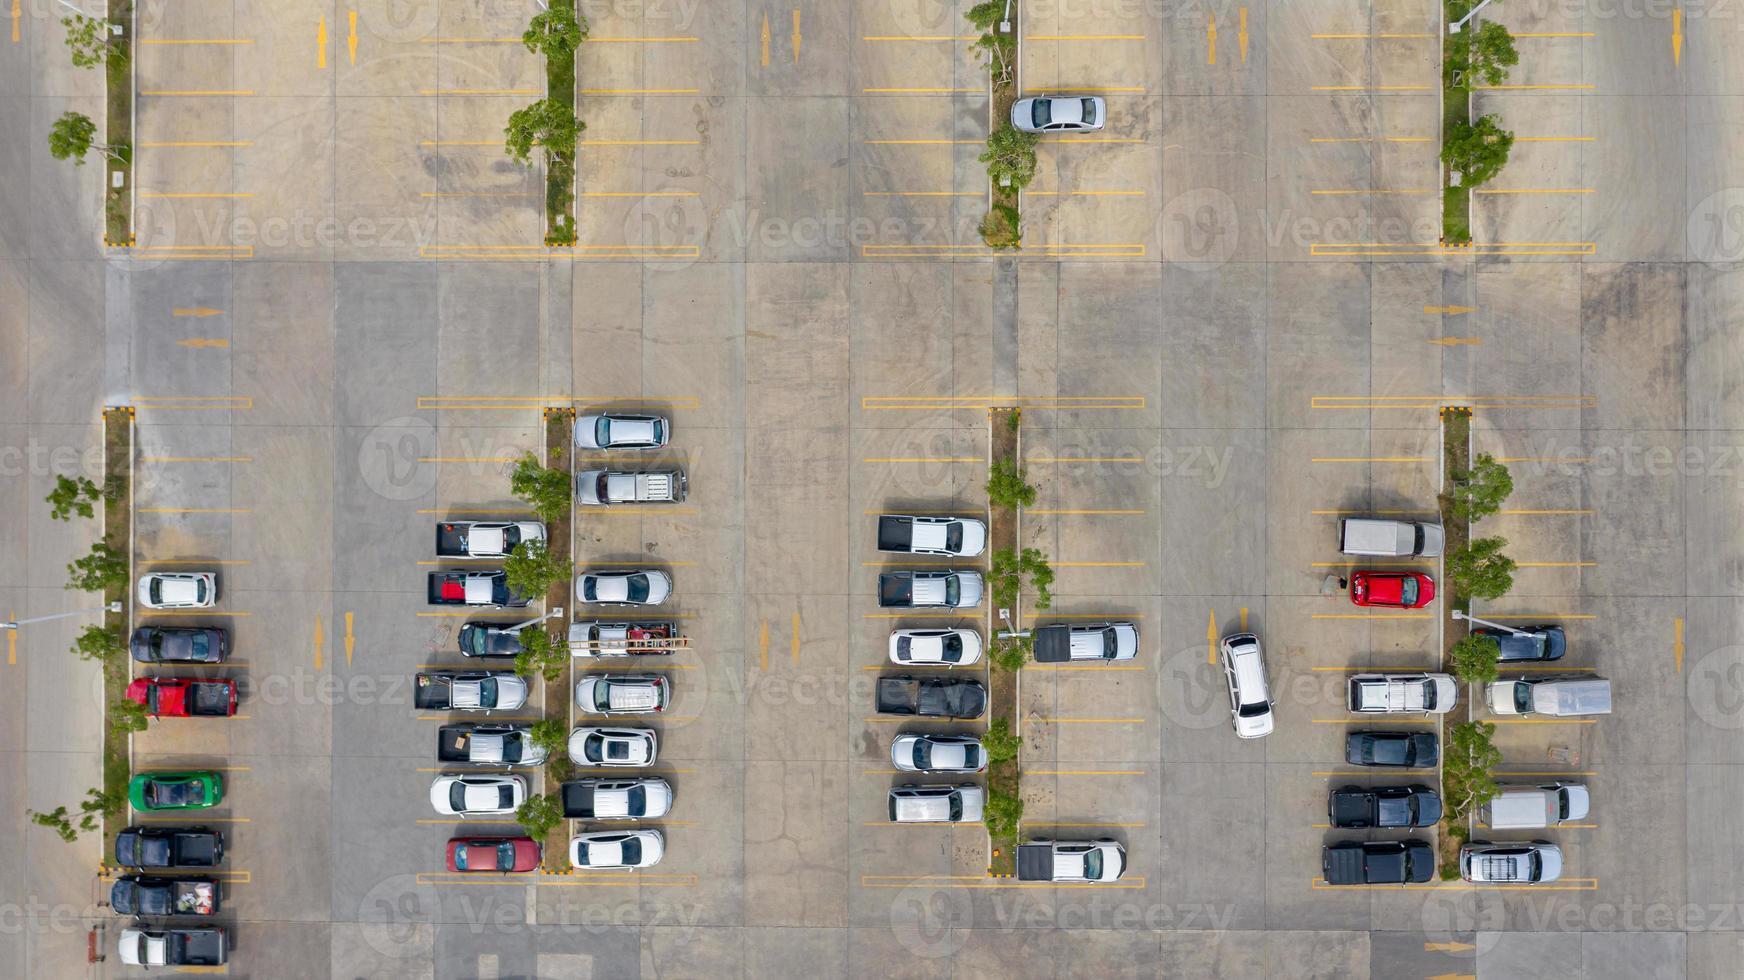 Vue aérienne de voitures dans un parking extérieur photo